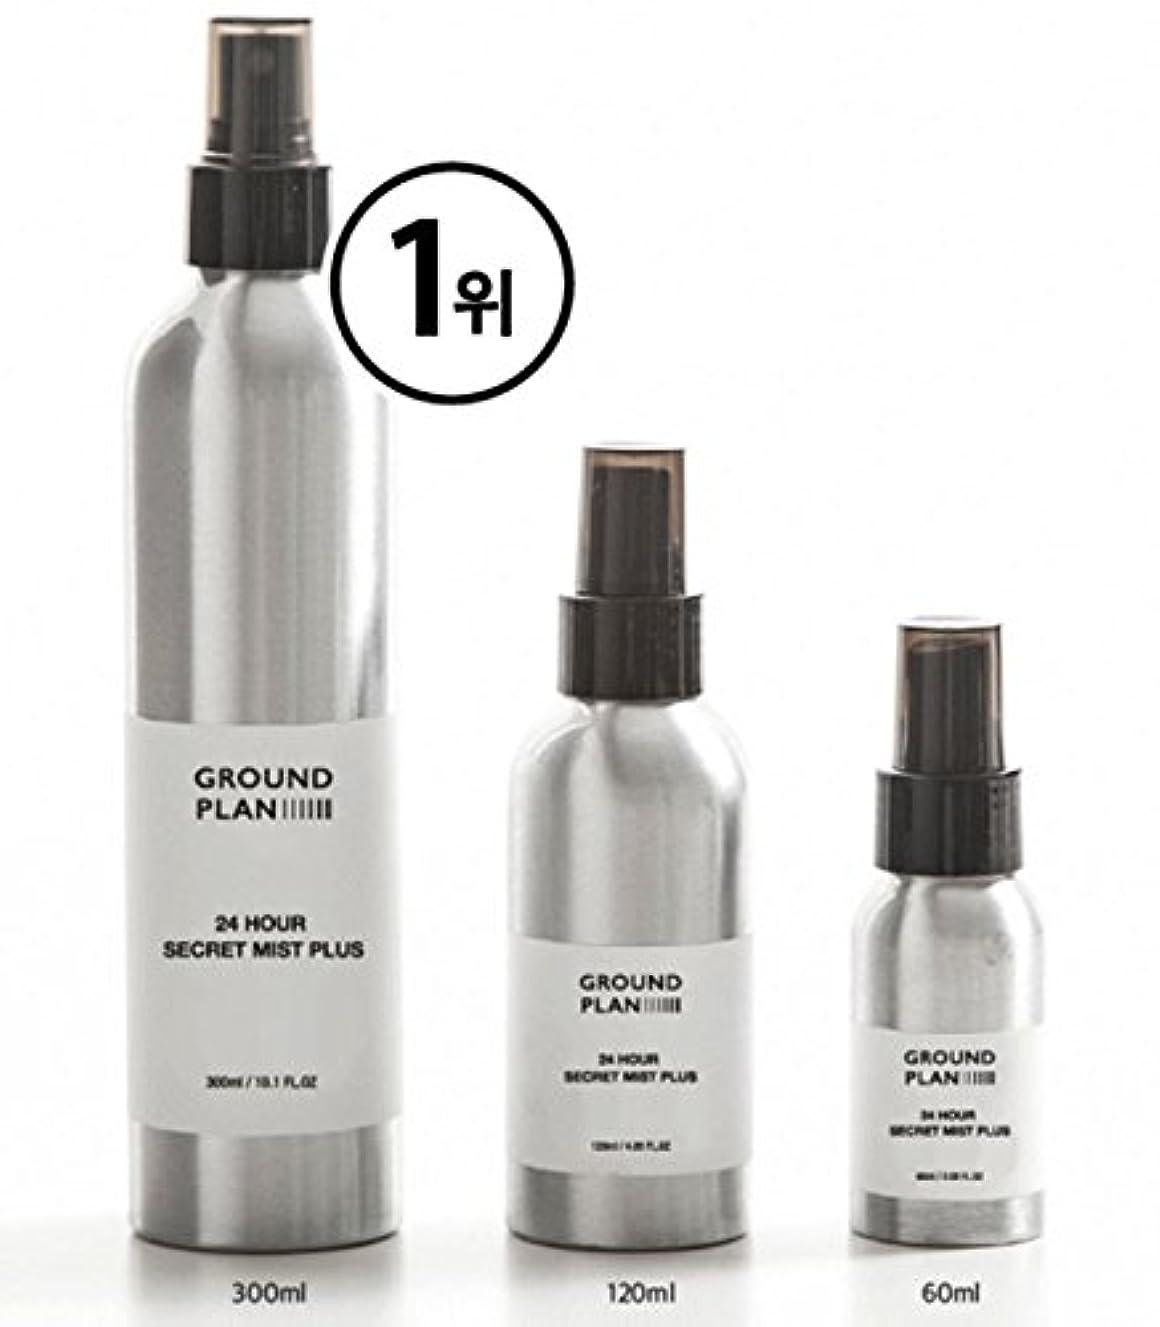 お風呂上へ海峡ひも[グラウンド?プラン] 24Hour 秘密 スキンミスト Plus (120ml) (300ml) Ground plan 24 Hour Secret Skin Mist Plus [海外直送品] (120ml)